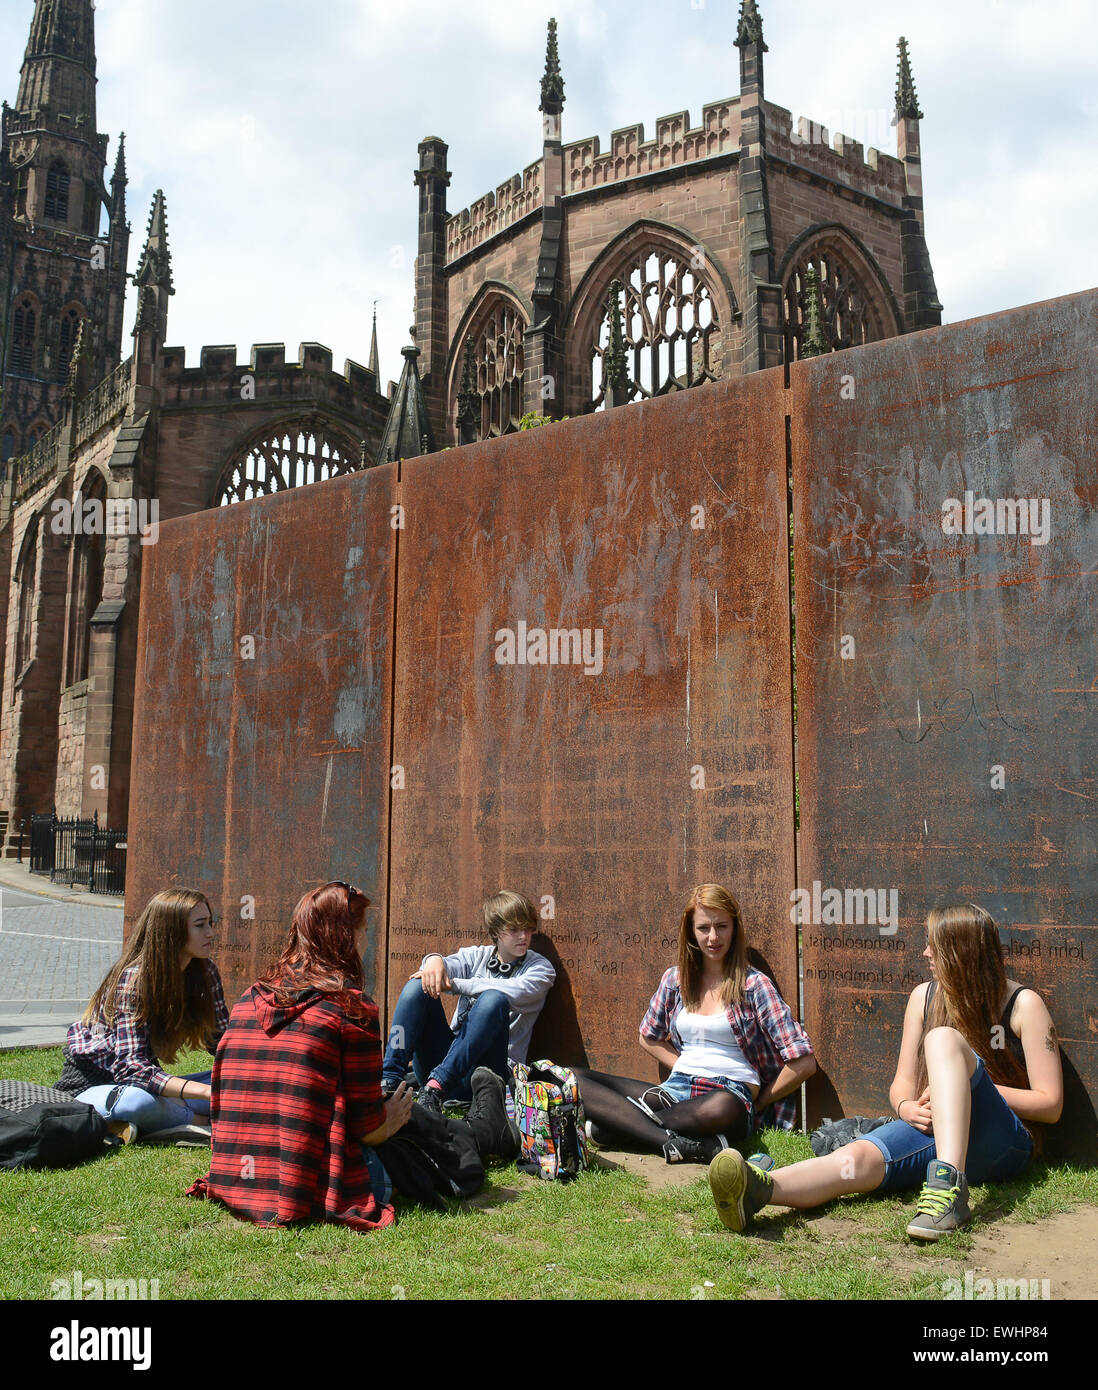 Les jeunes filles adolescentes adolescents jeunes traînant à Coventry, Royaume-Uni 2015 Photo Stock